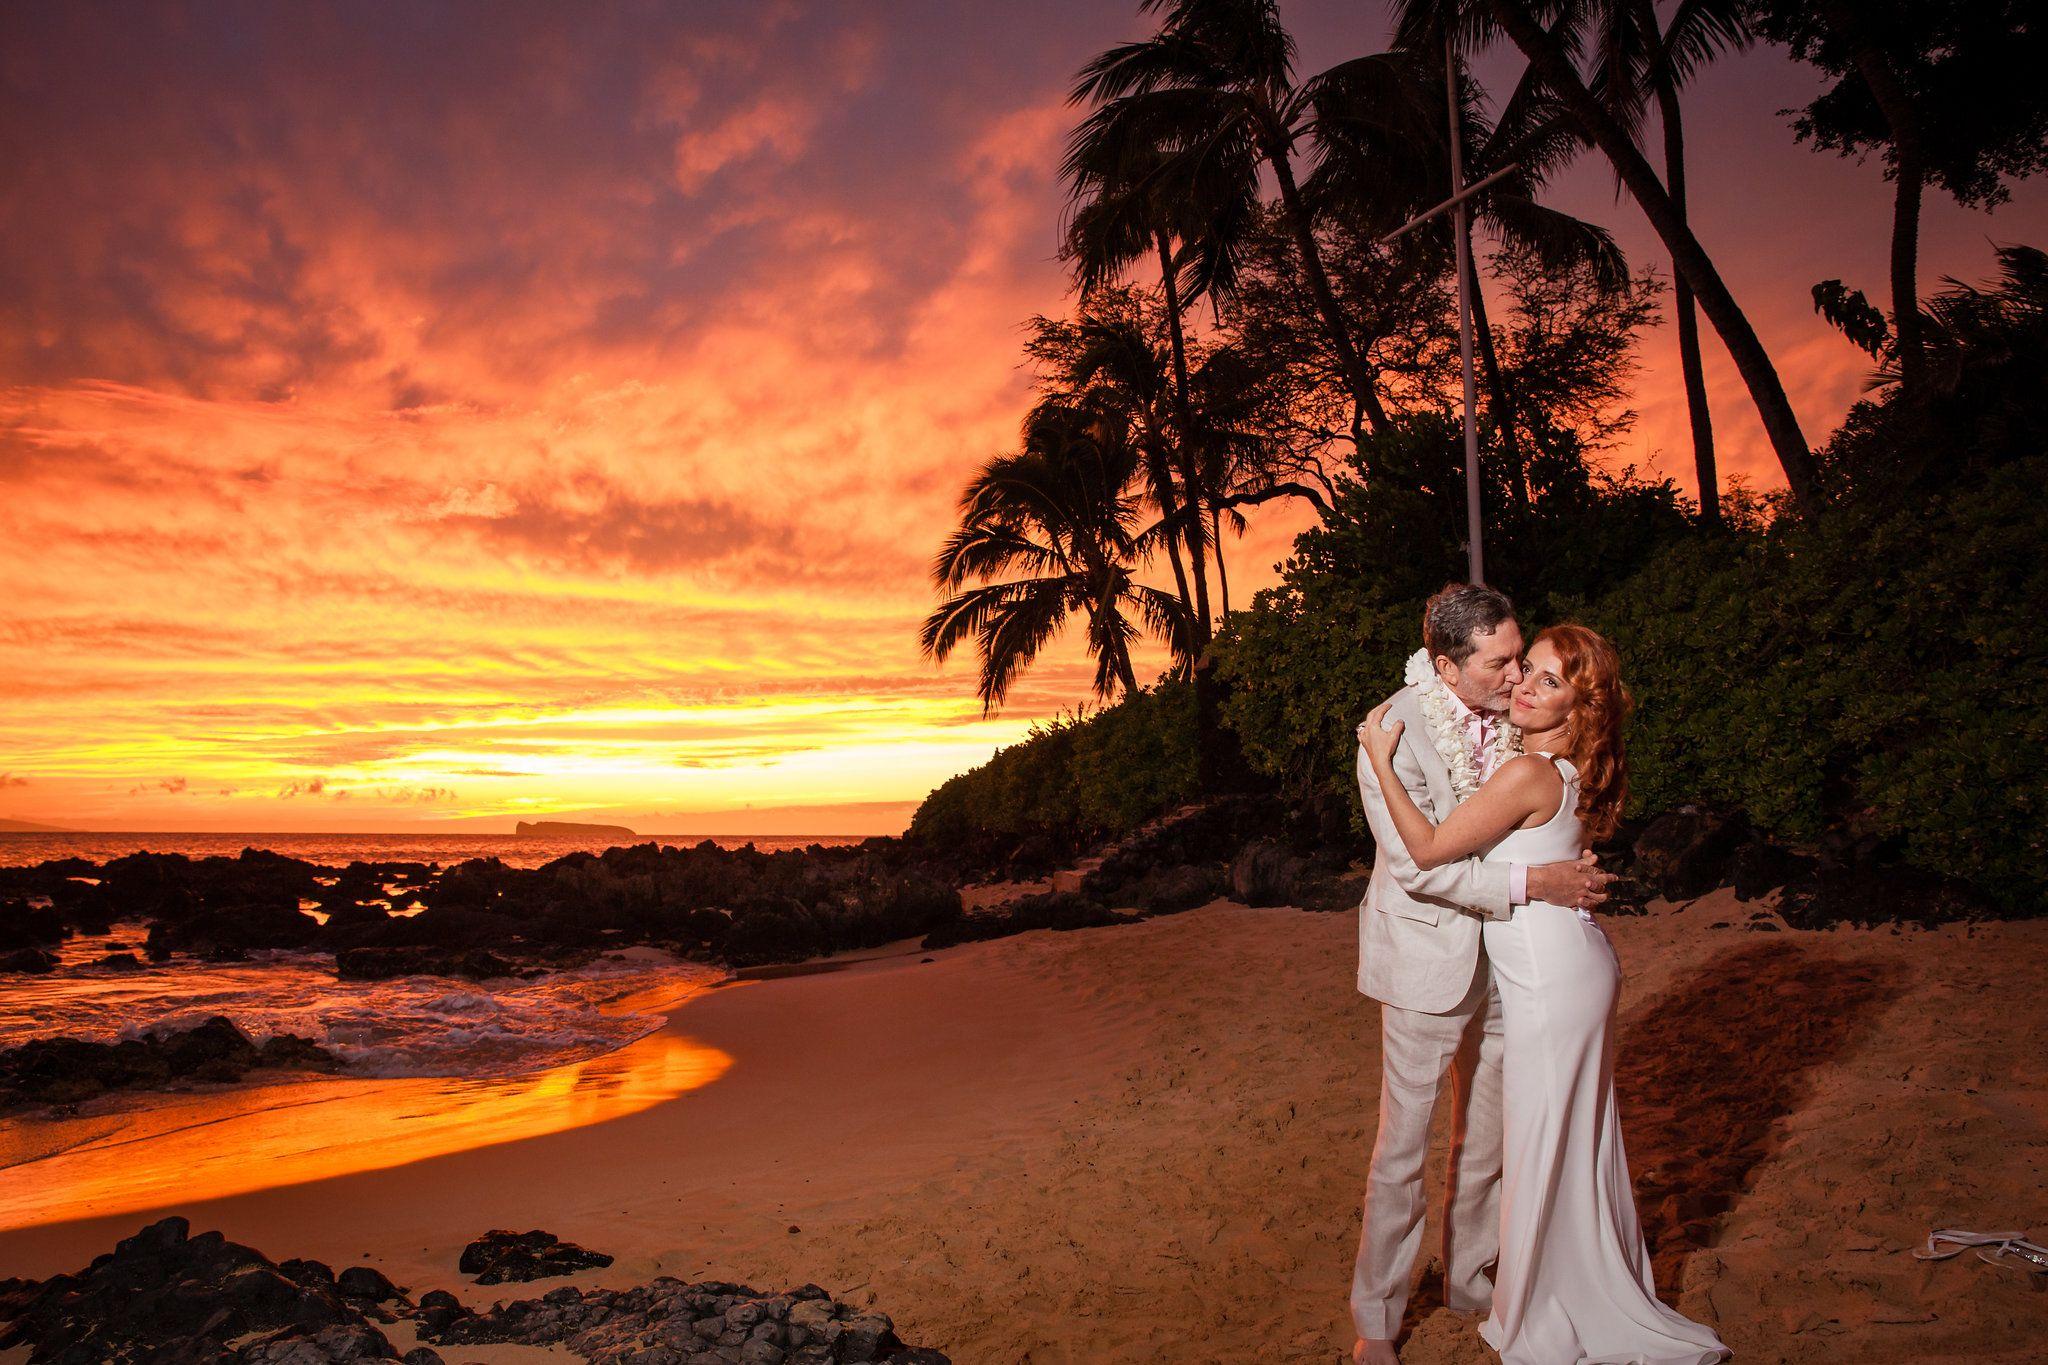 Hawaiian Sunset Wedding Maui Beach Wedding Hawaii Beach Wedding Maui Wedding Locations